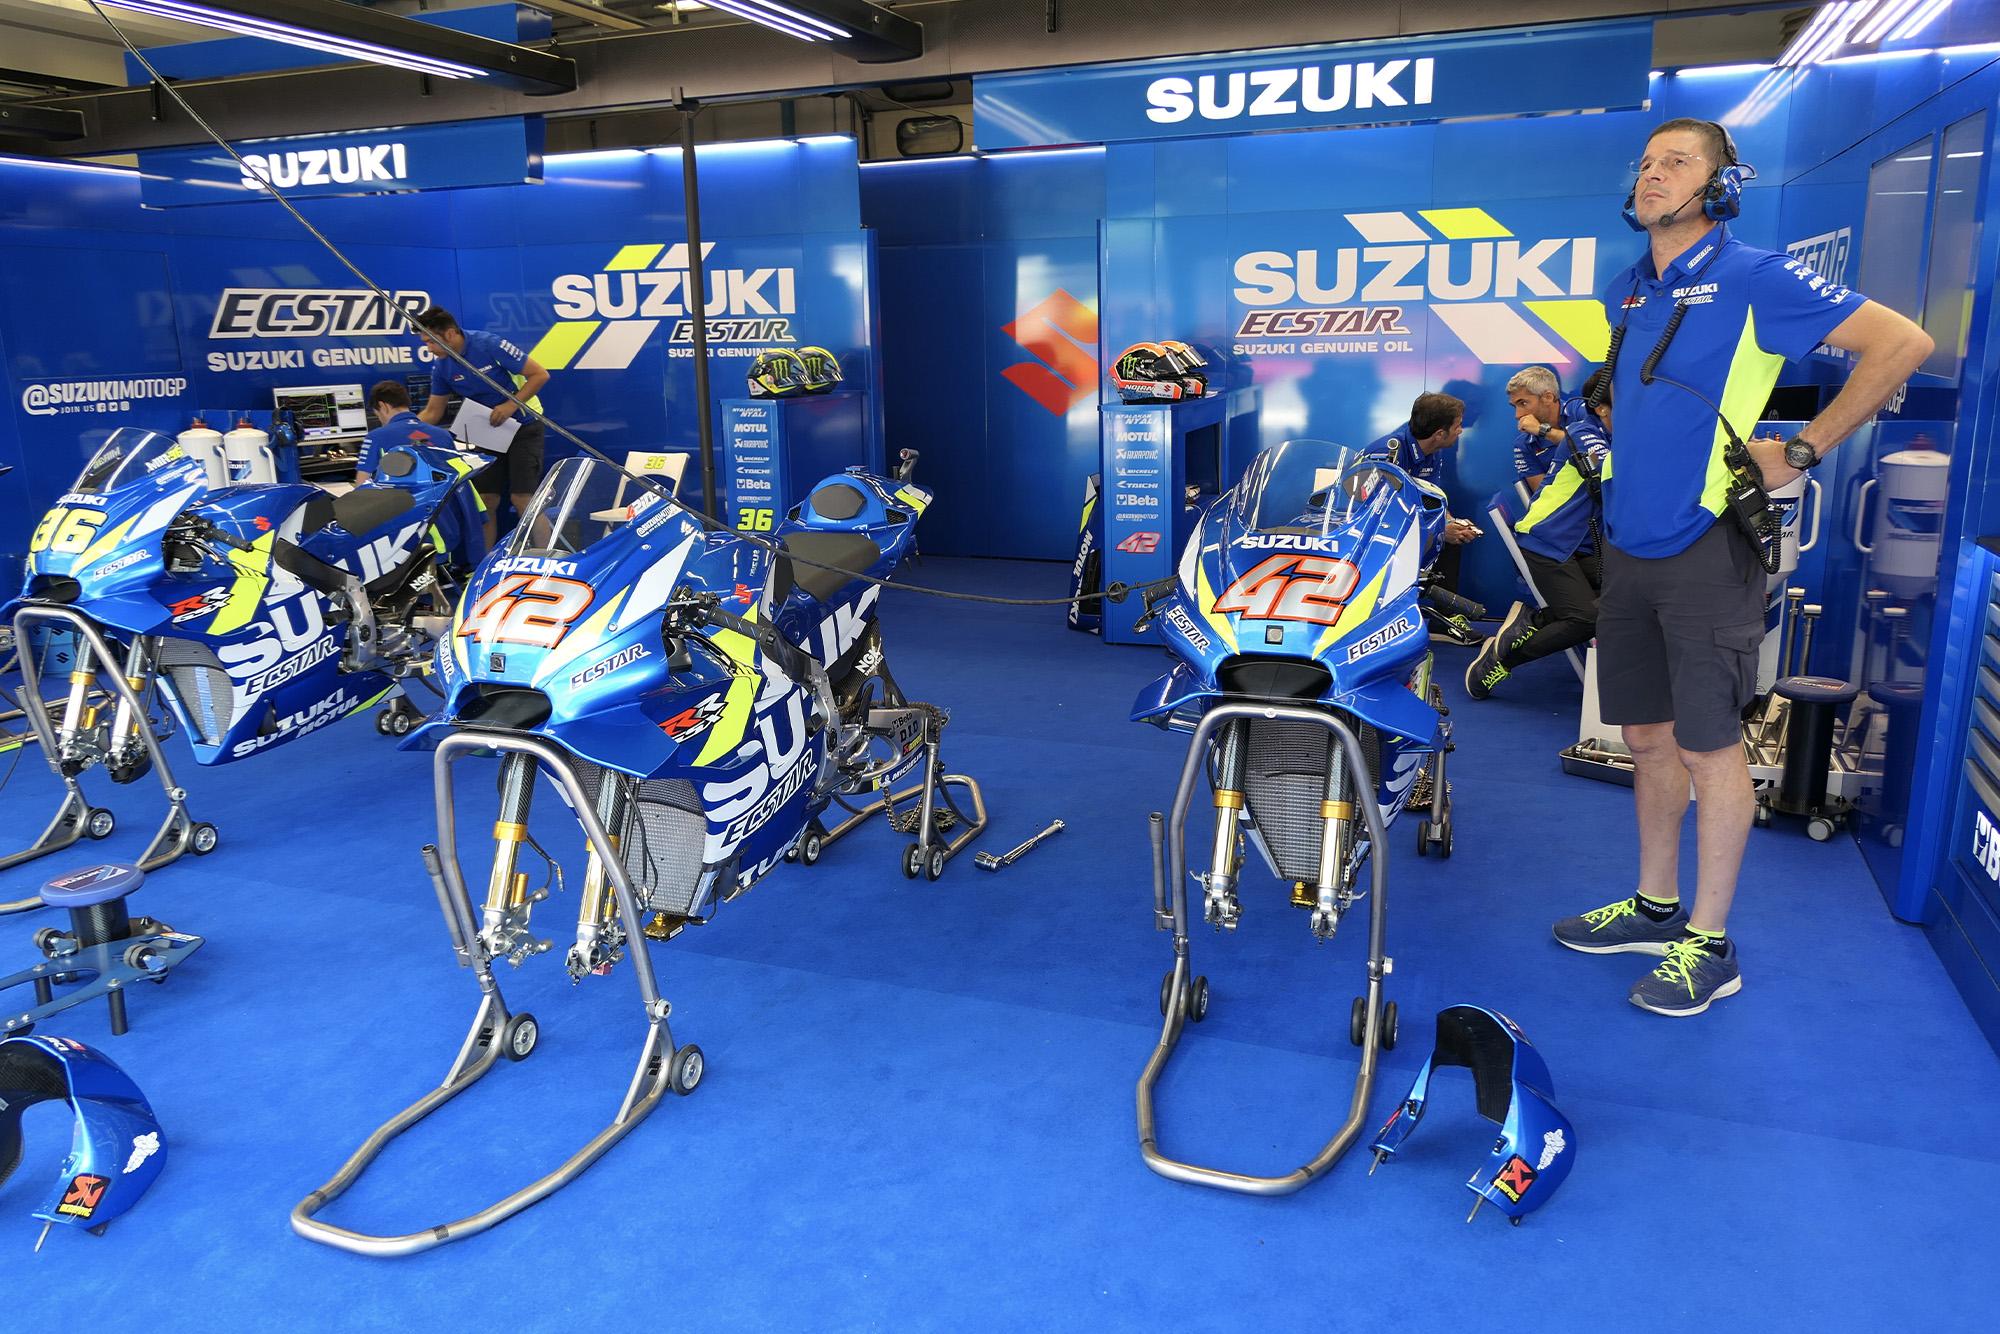 Suzuki pit garage